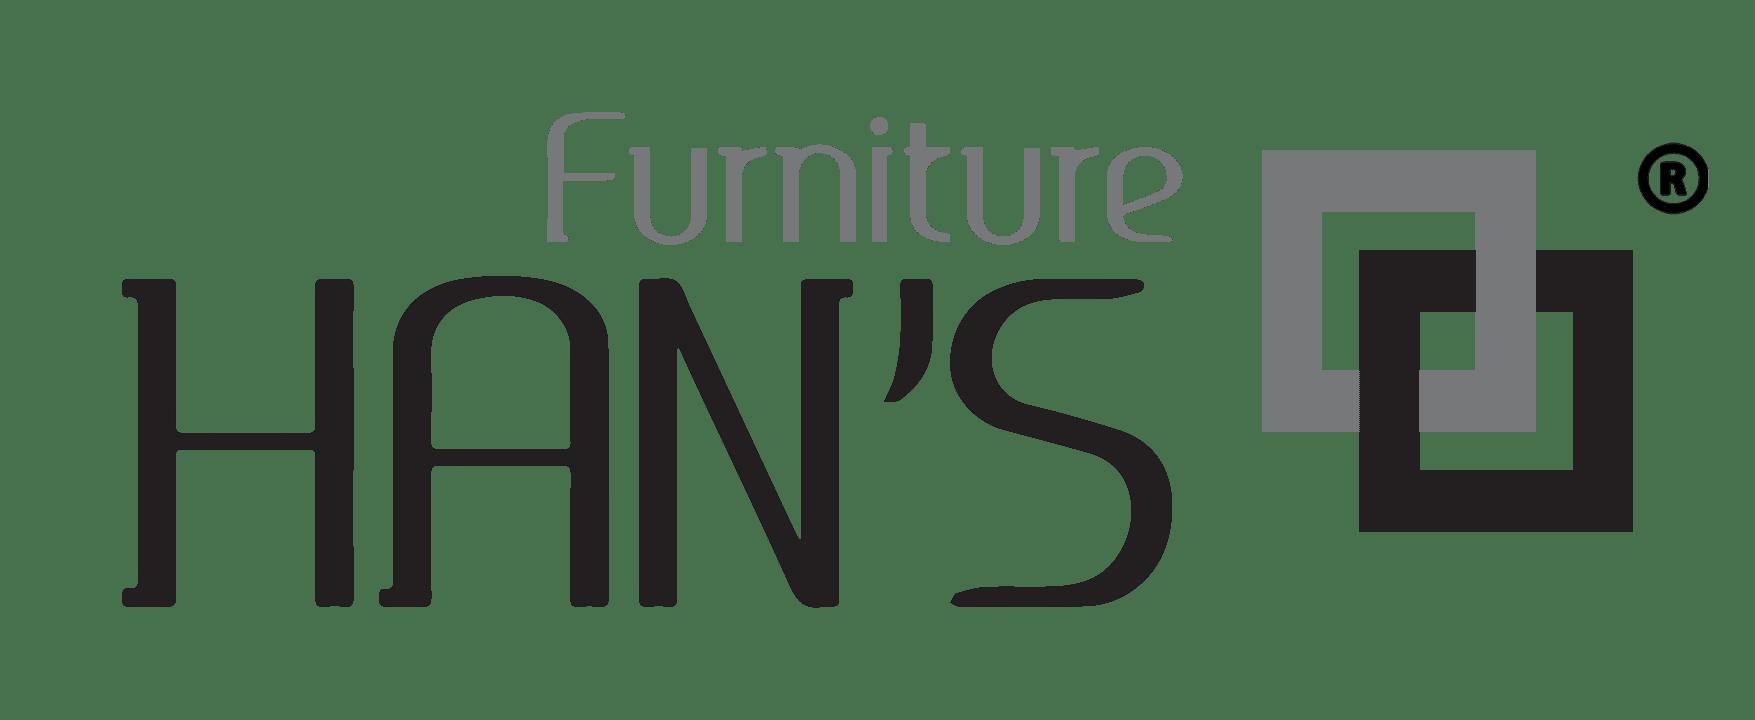 Bàn ghế Hàn quốc HAN'S FURNITURE – Công ty cổ phần HANSCO